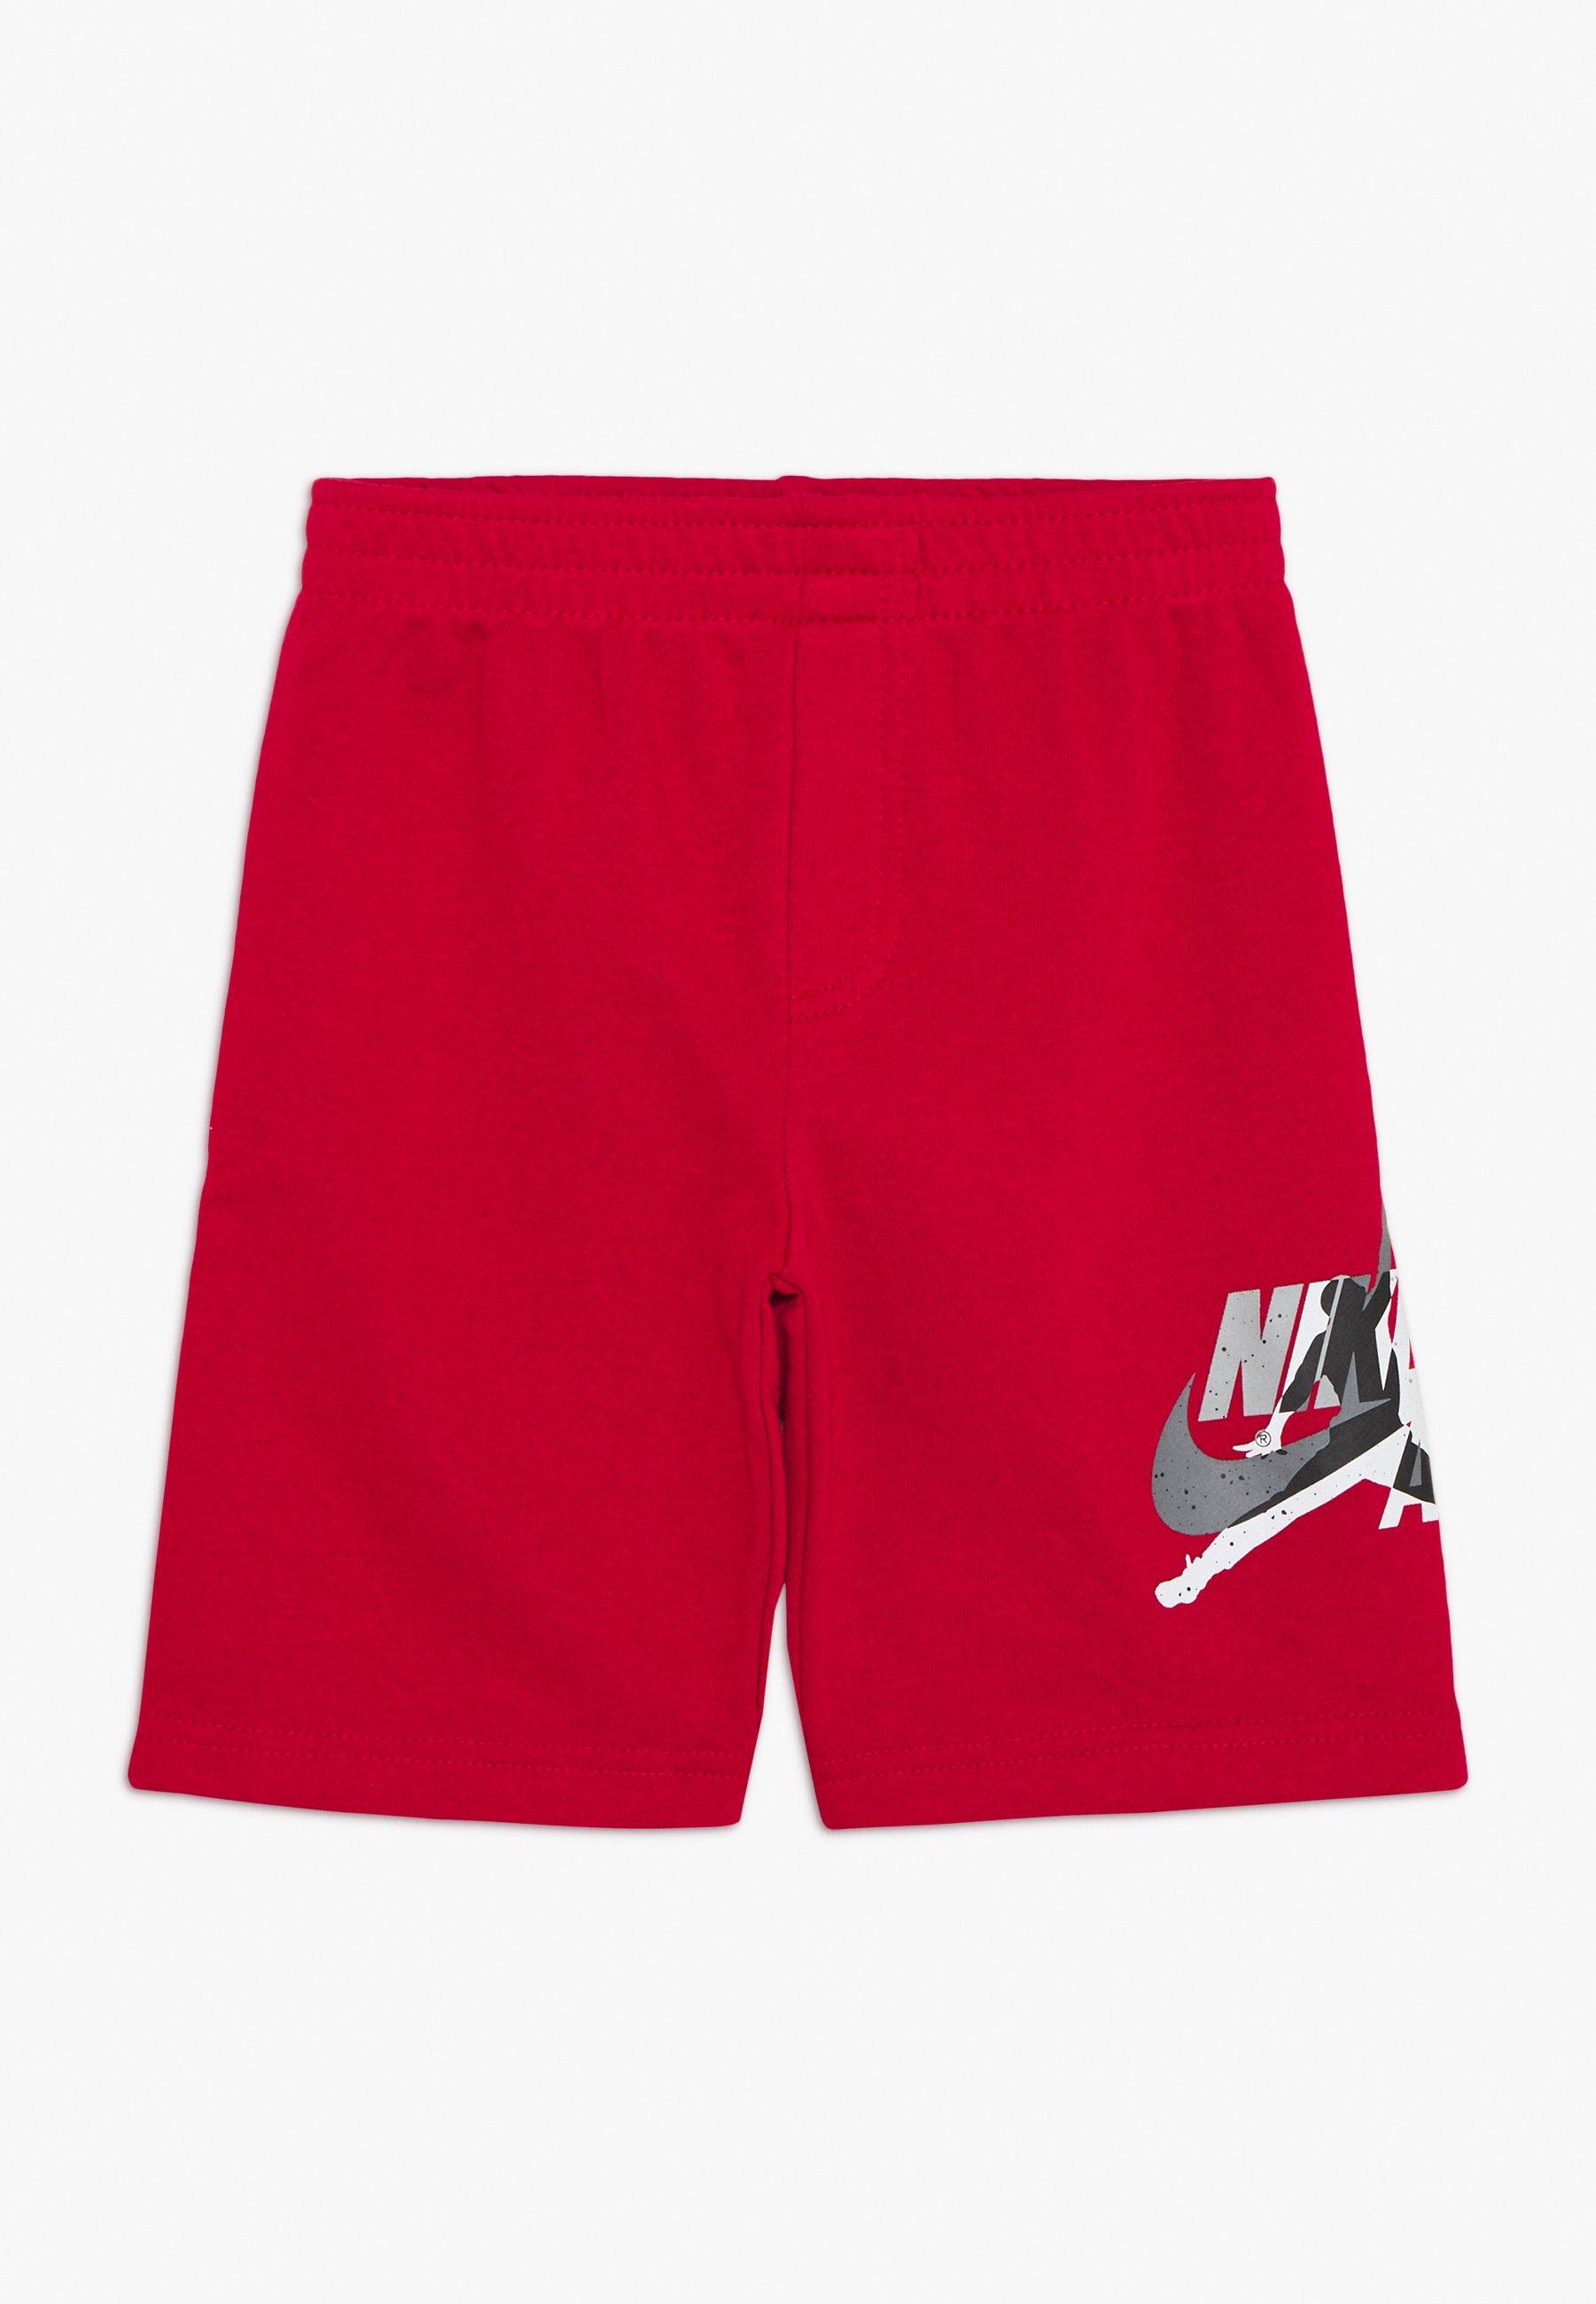 JUMPMAN CLASSIC TEE SHORT SET Short de sport gym red